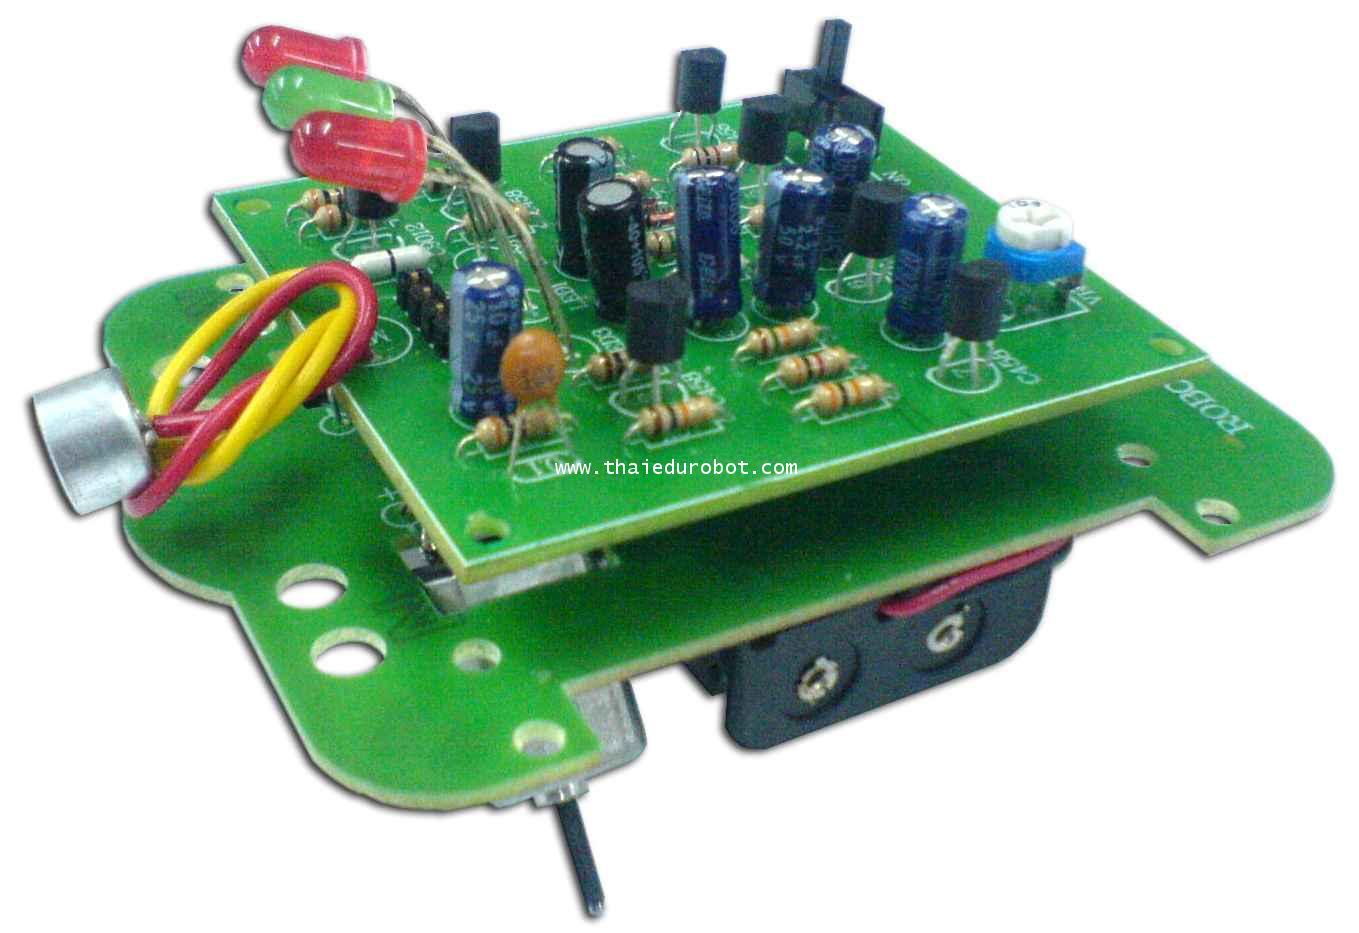 21104 หุ่นยนต์ SECON ควบคุมด้วยเสียง ประกอบแล้ว